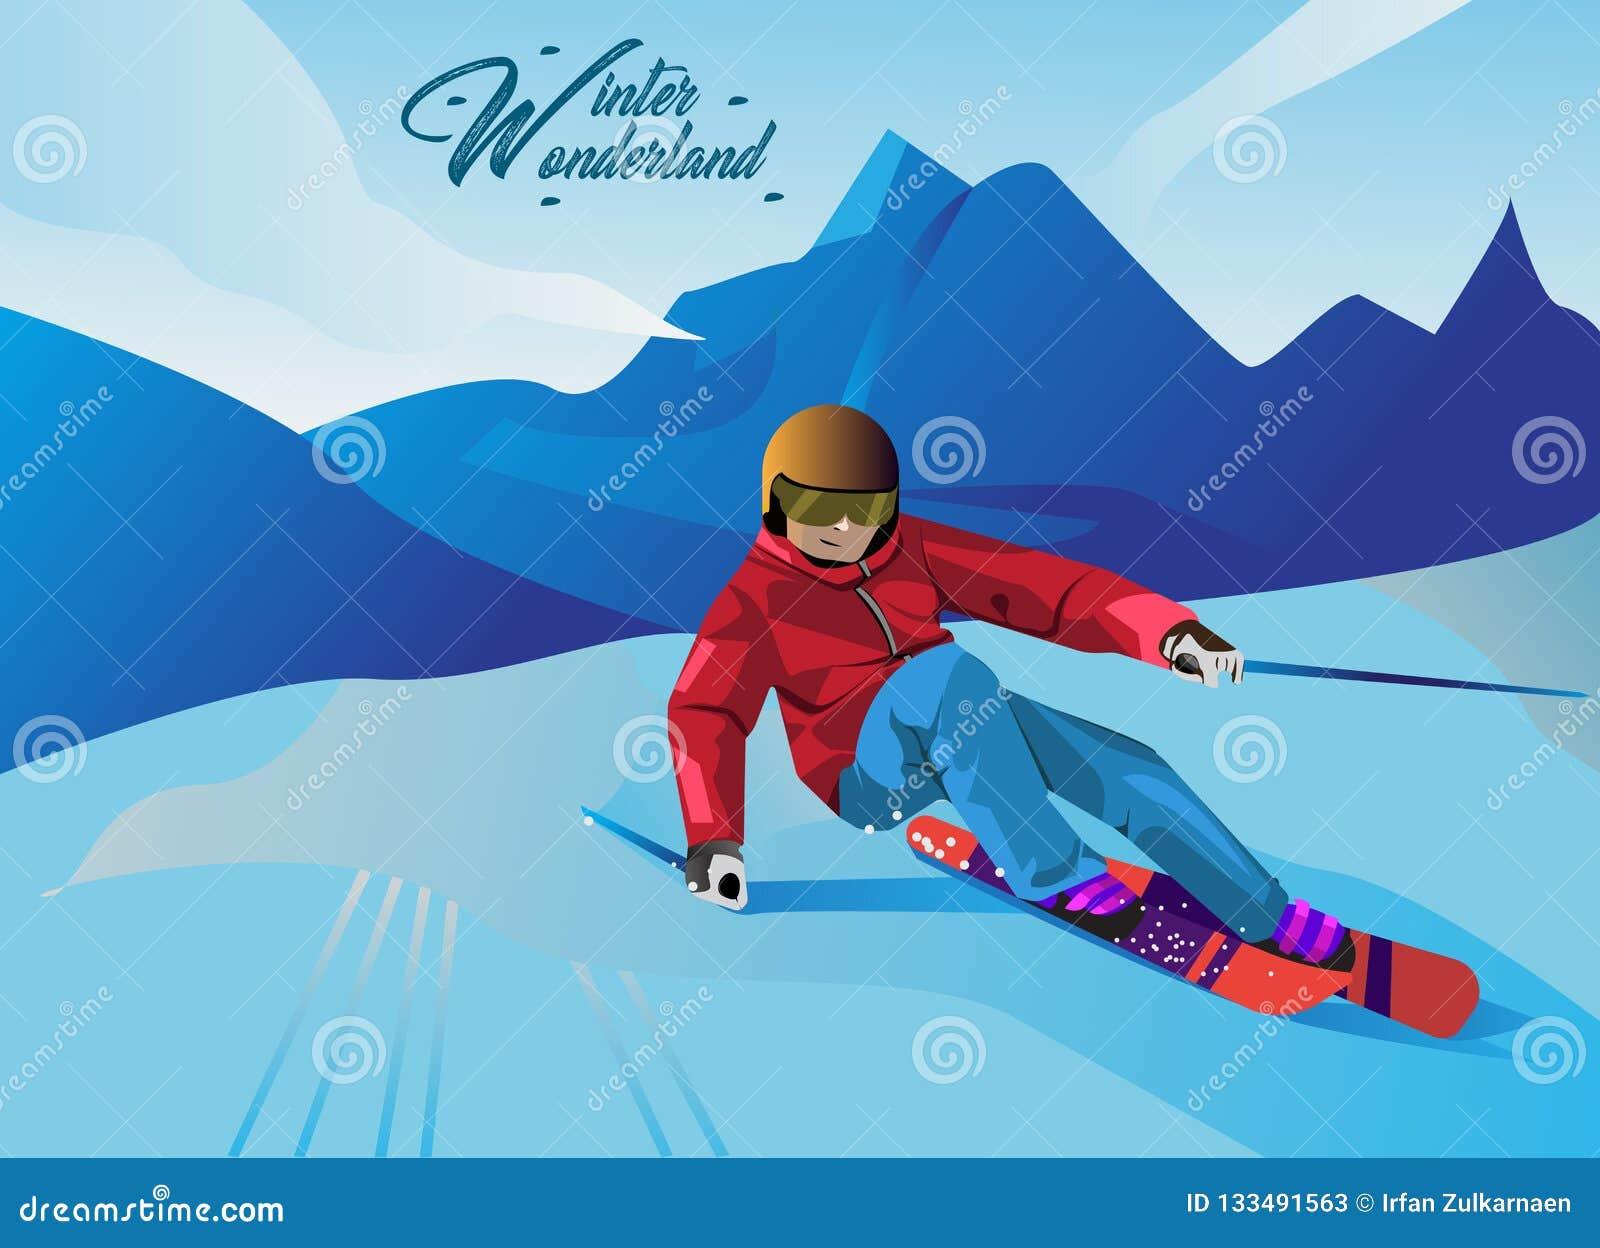 Ilustrações do esporte de inverno no estilo dos desenhos animados do vetor